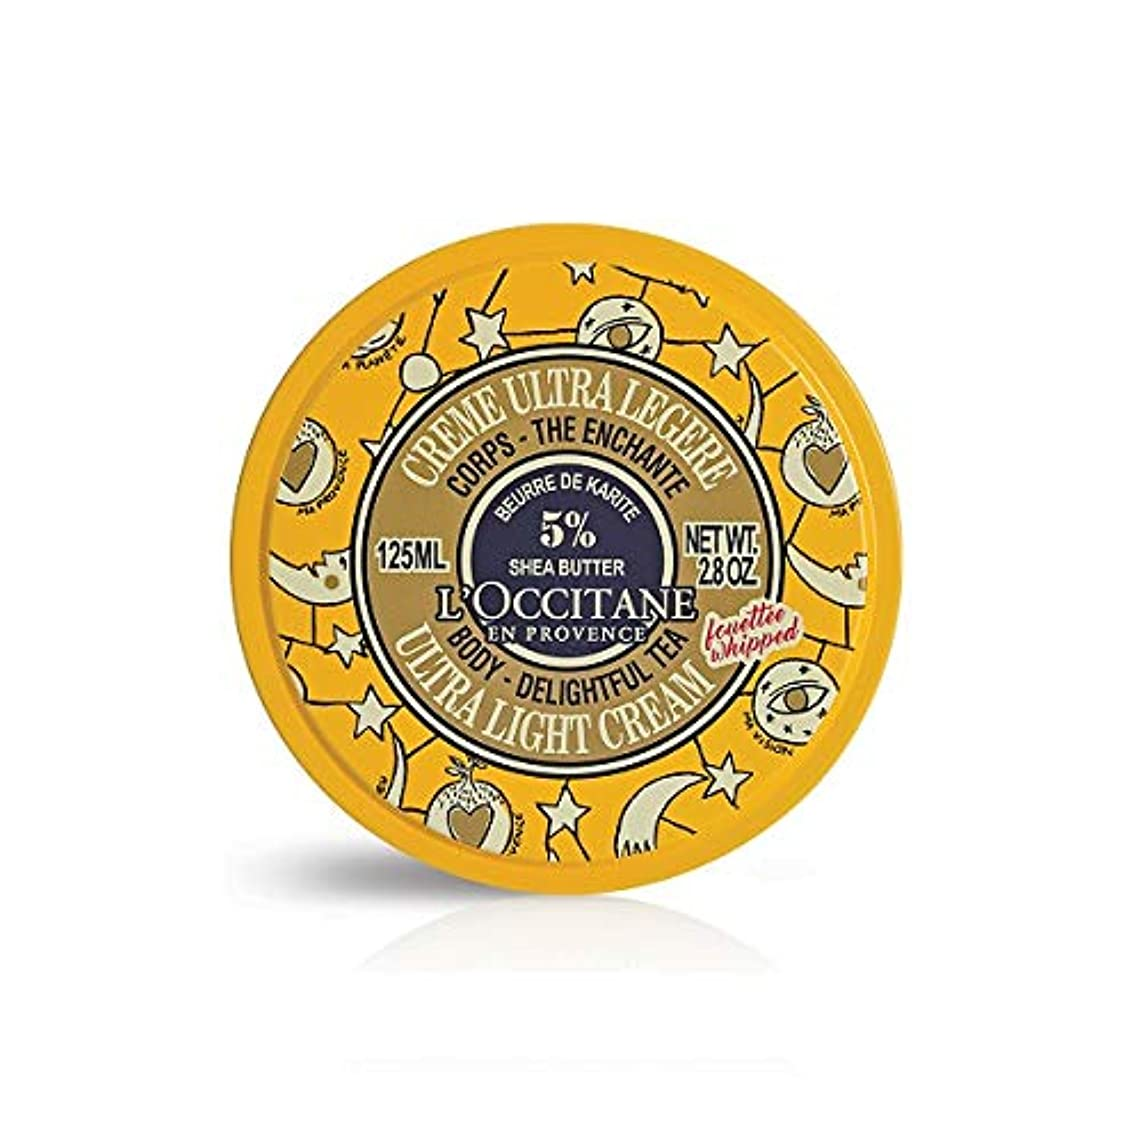 伝統まだ狂人ロクシタン(L'OCCITANE) ジョイフルスター スノーシア ボディクリーム(ディライトフルティー) 125ml